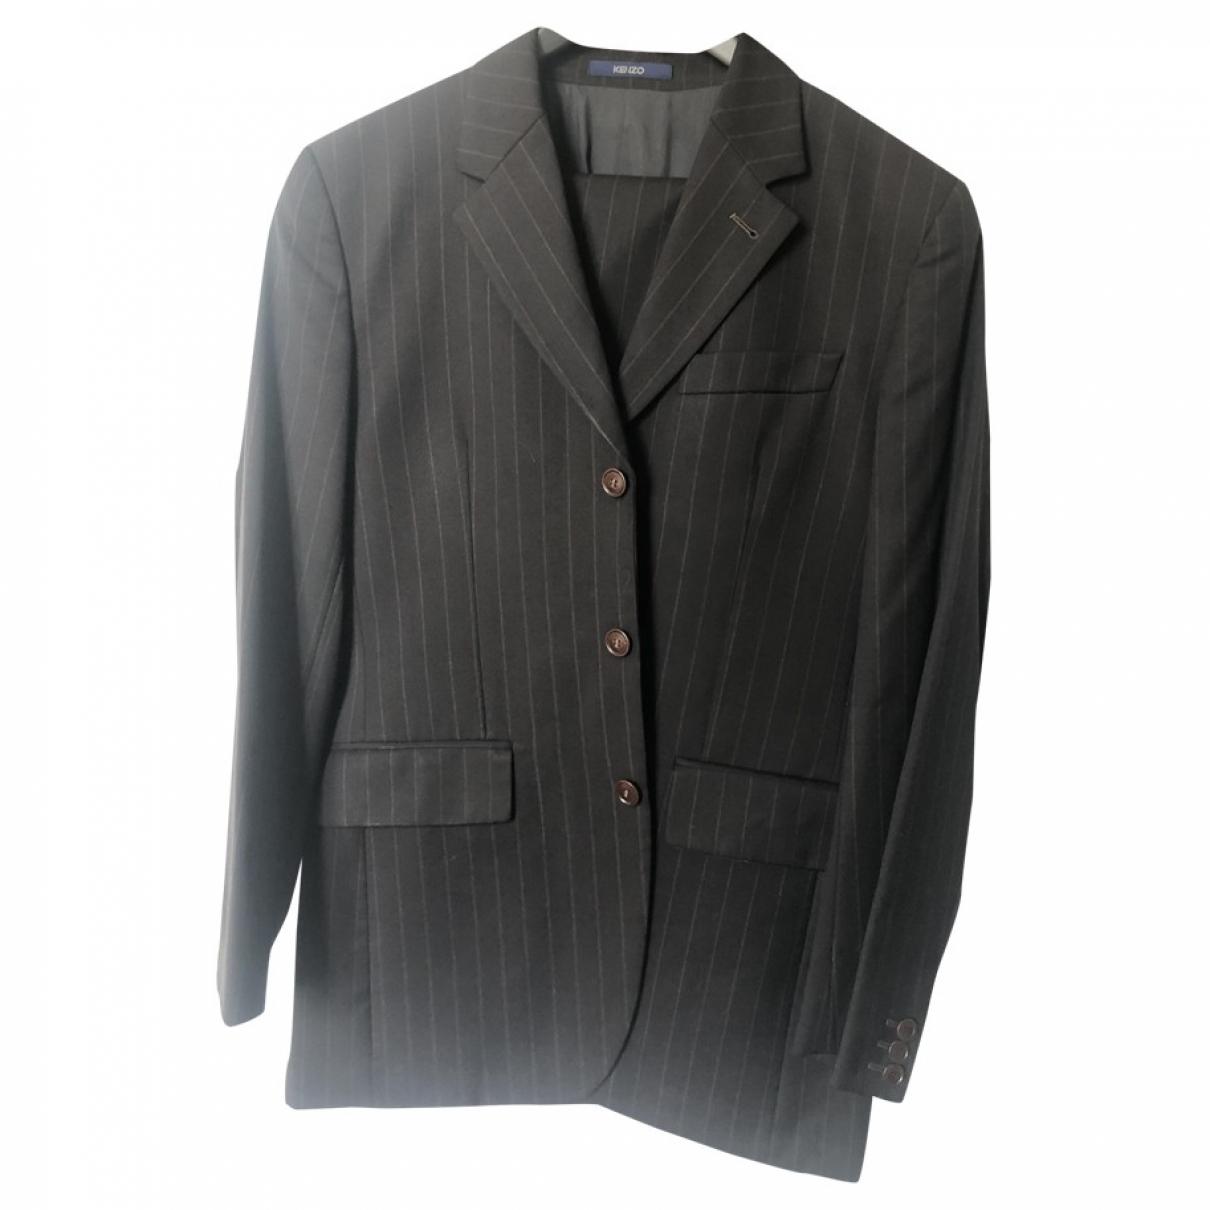 Kenzo - Costumes   pour homme en laine - marron